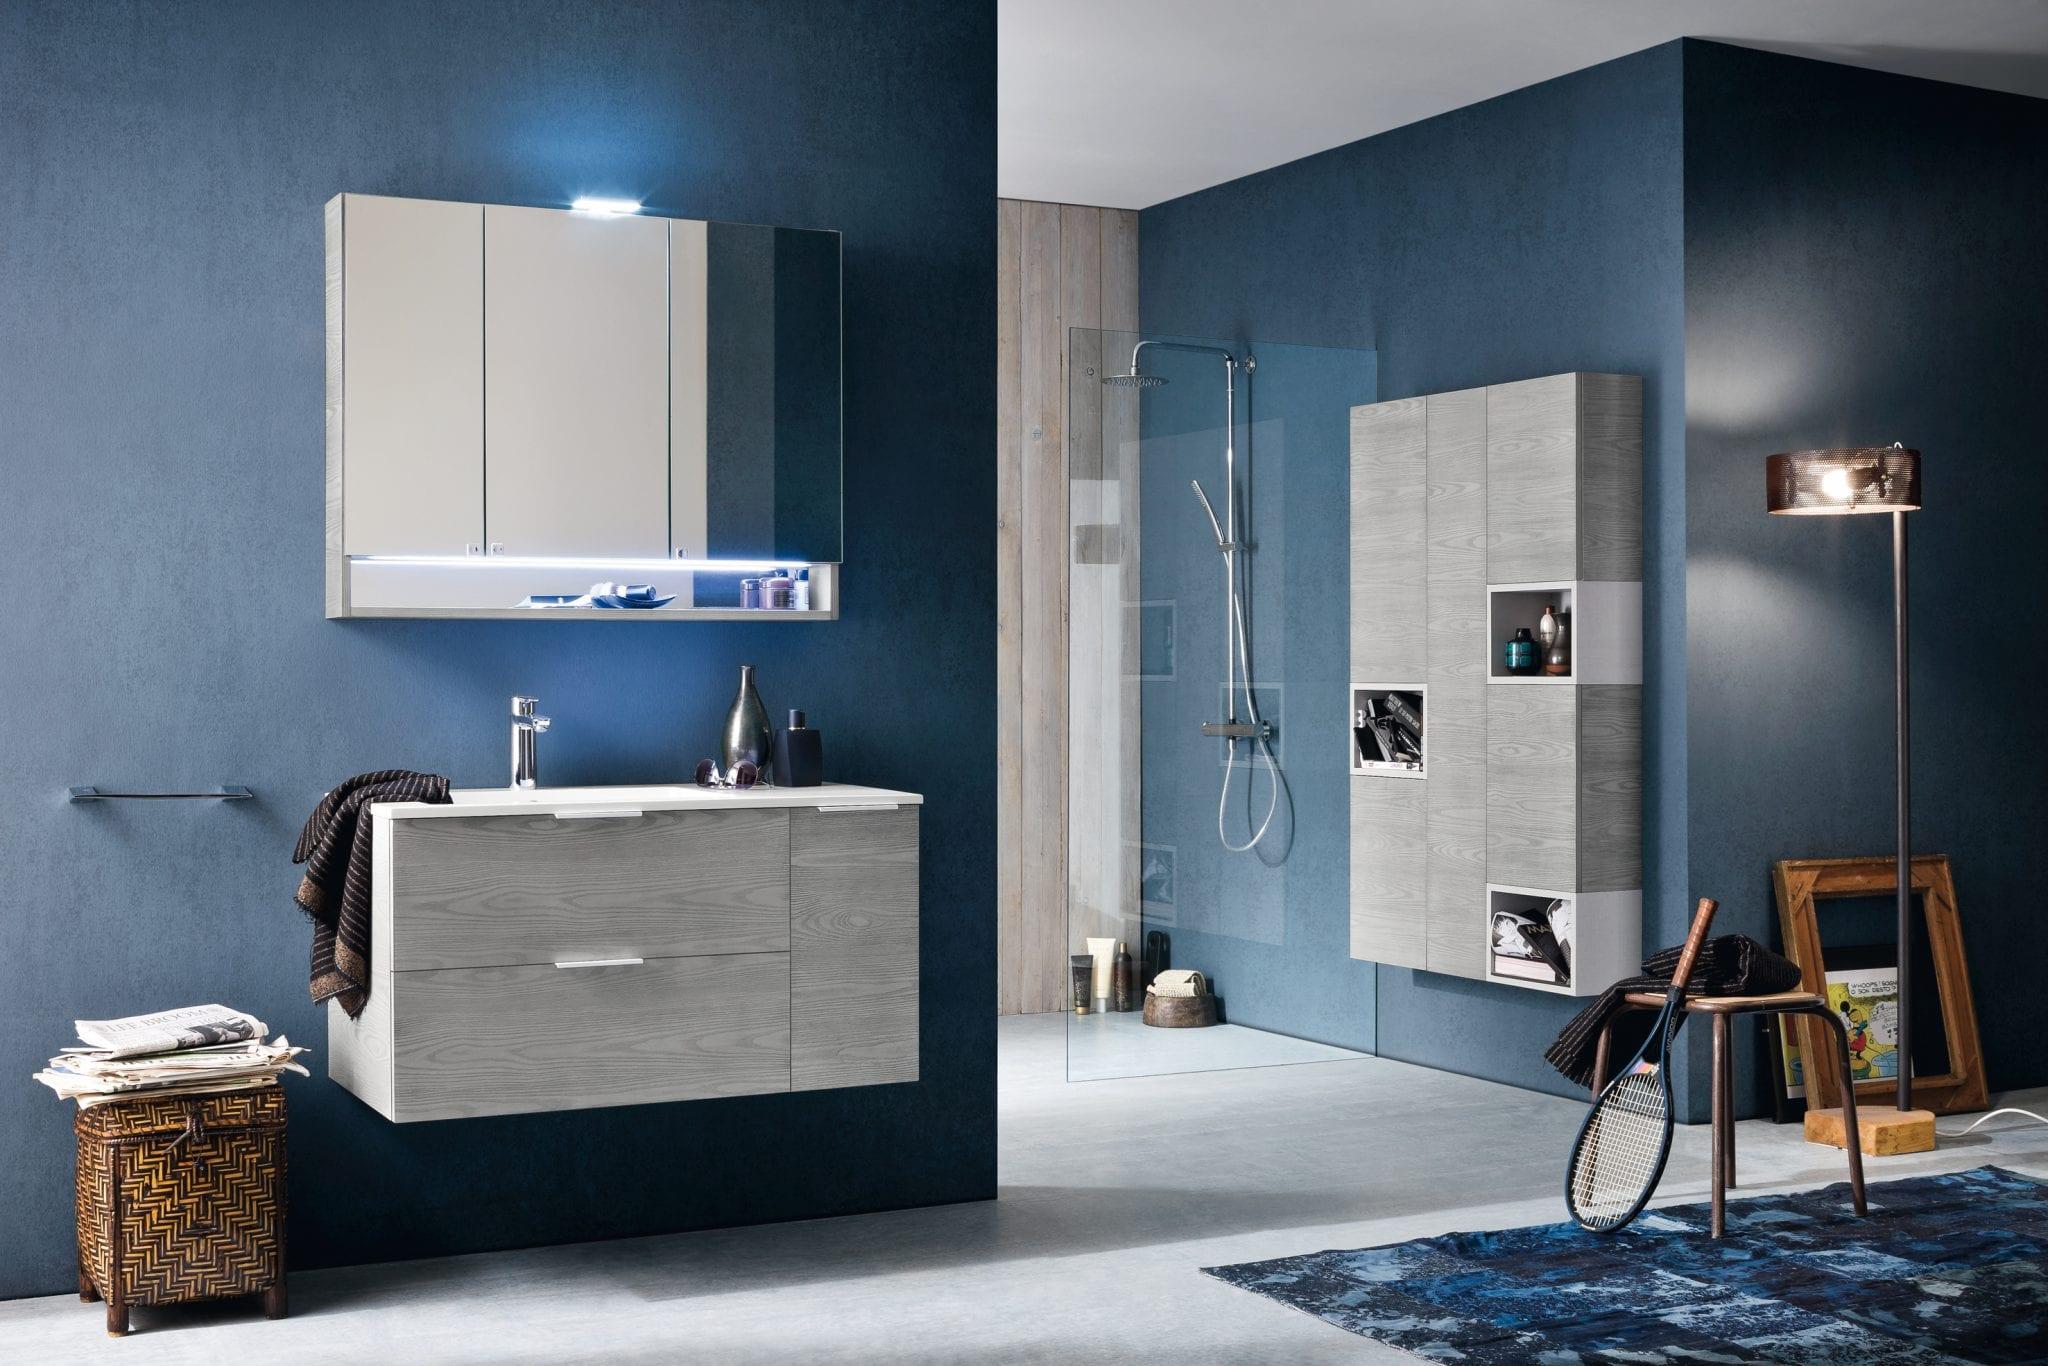 Arredo bagno bagni moderni - Accessori moderni bagno ...